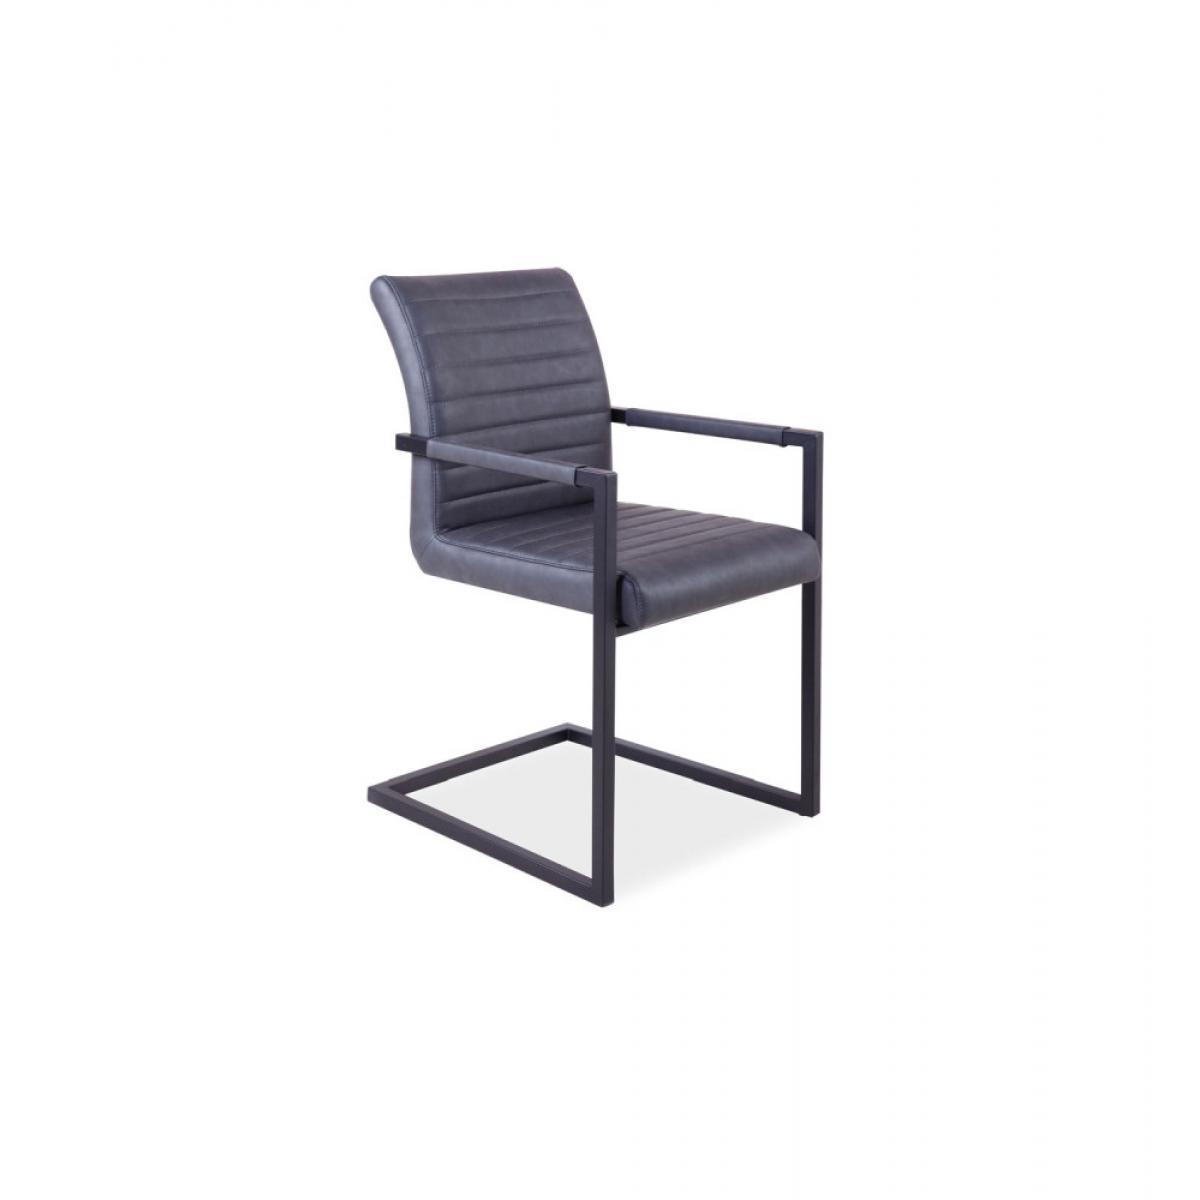 Ac-Deco Chaise - Solide - L 47 cm x l 44 cm x H 87 cm - Gris